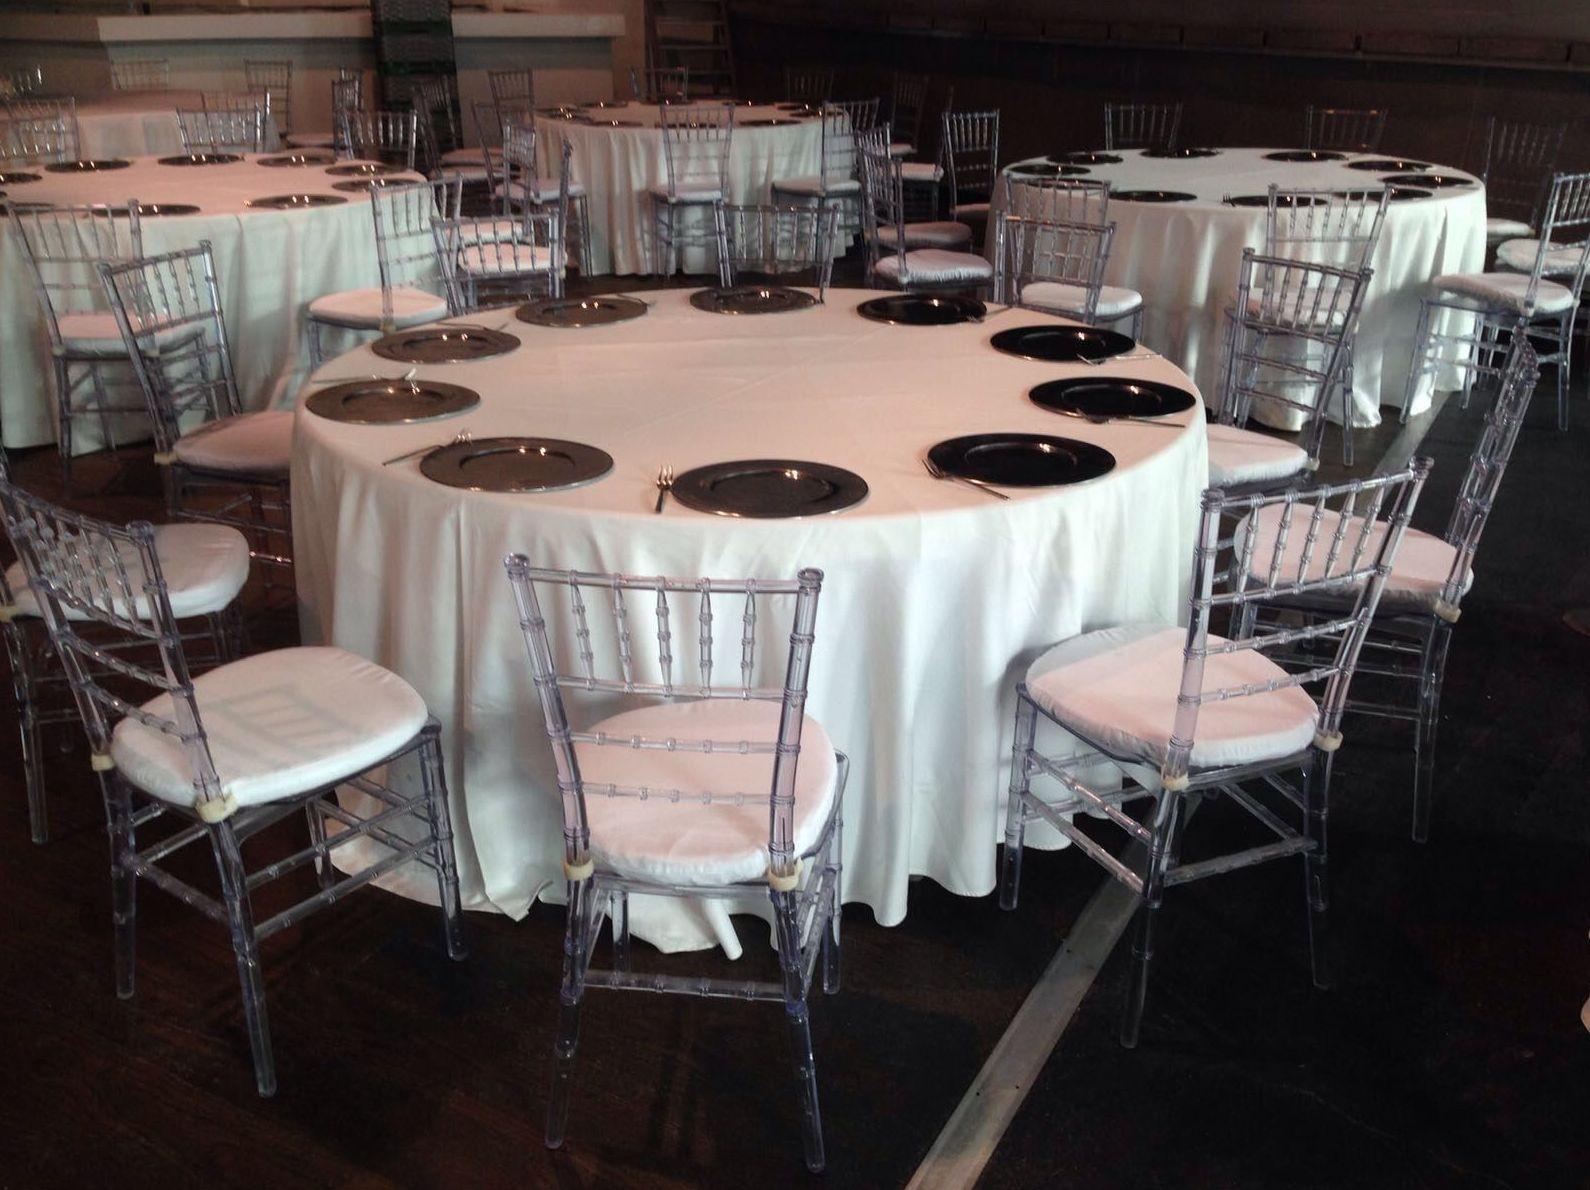 Foto 19 de Alquiler de sillas, mesas y menaje en Jerez de la Frontera | Jedal Alquileres